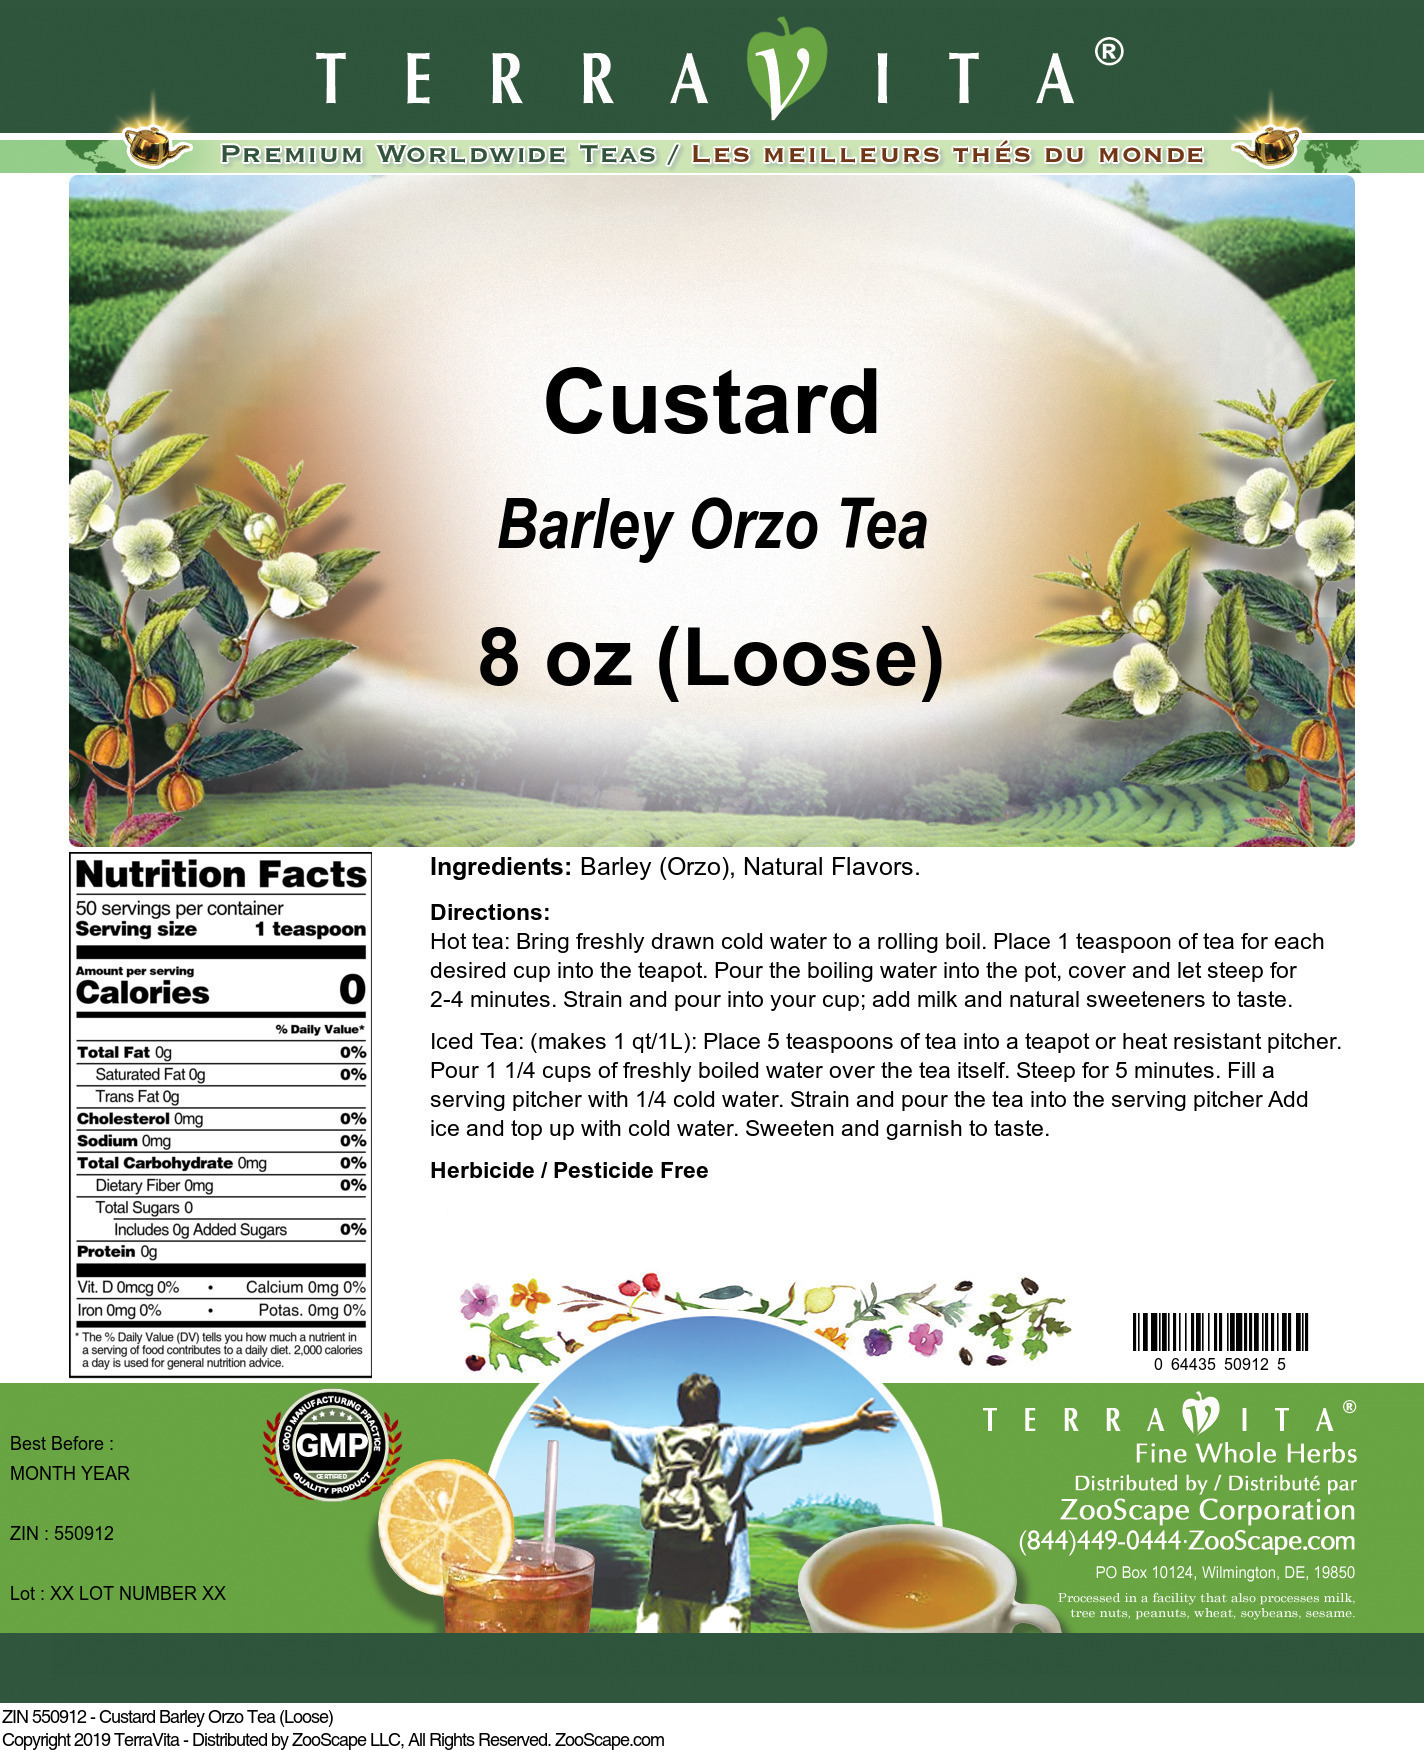 Custard Barley Orzo Tea (Loose)